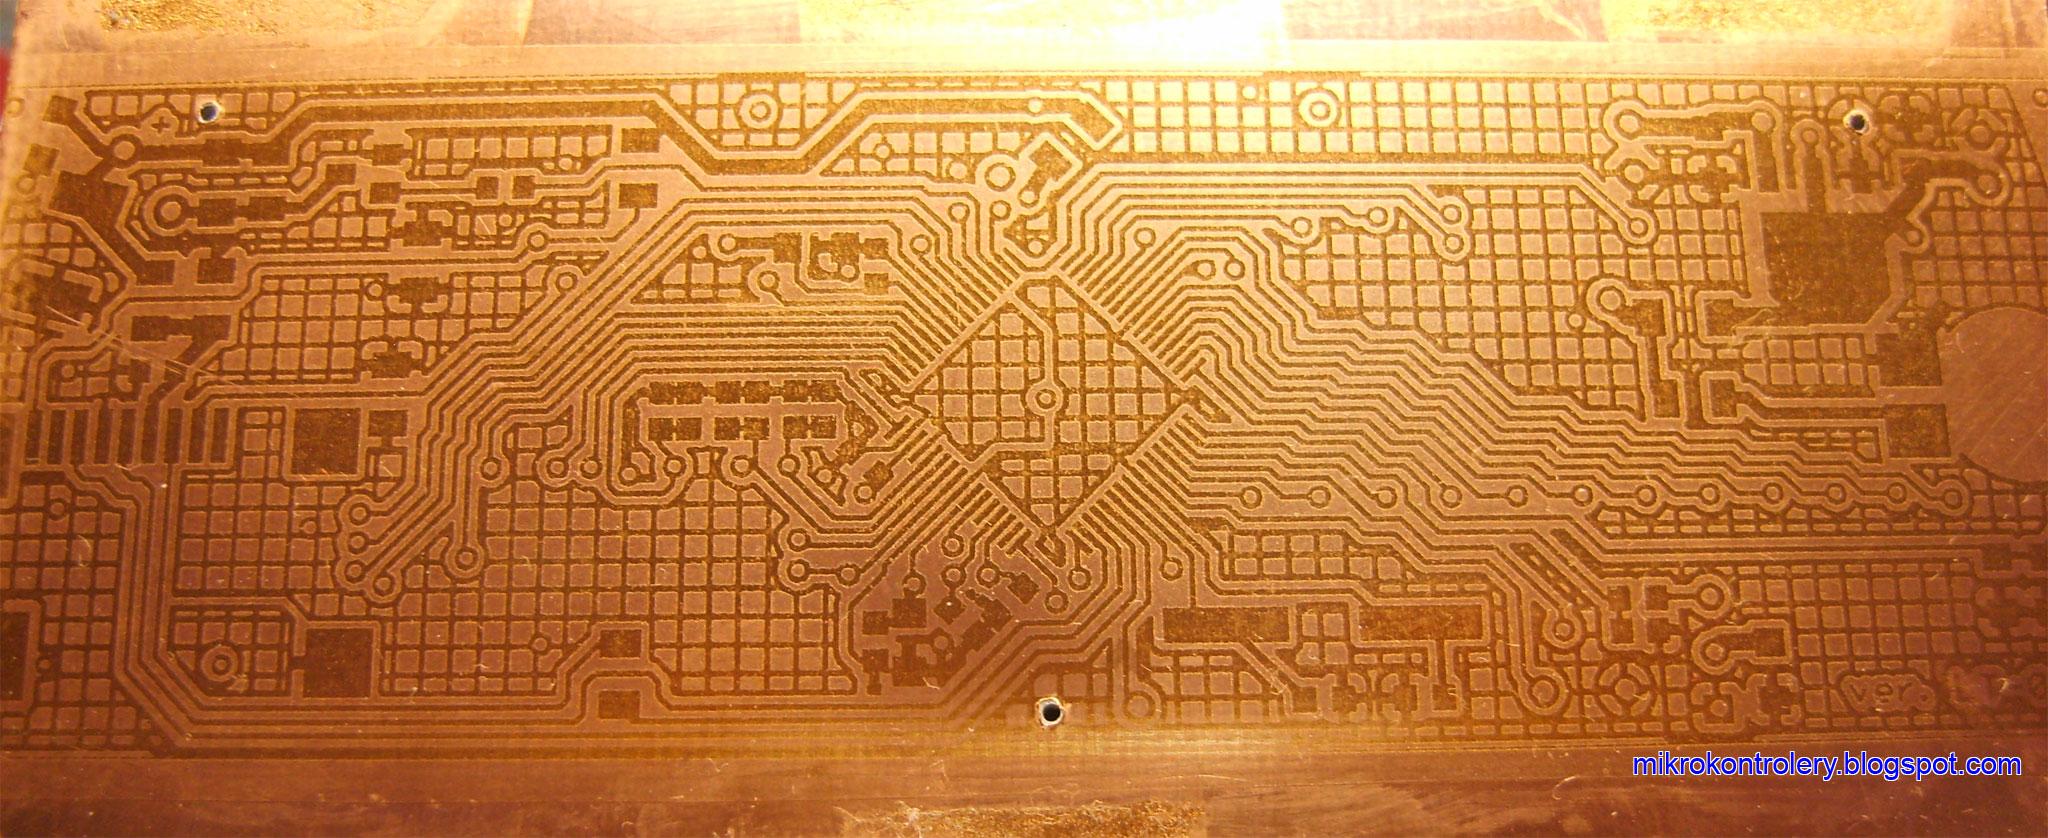 Płytka PCB pokryta lakierem UV po naświetleniu i wywołaniu.